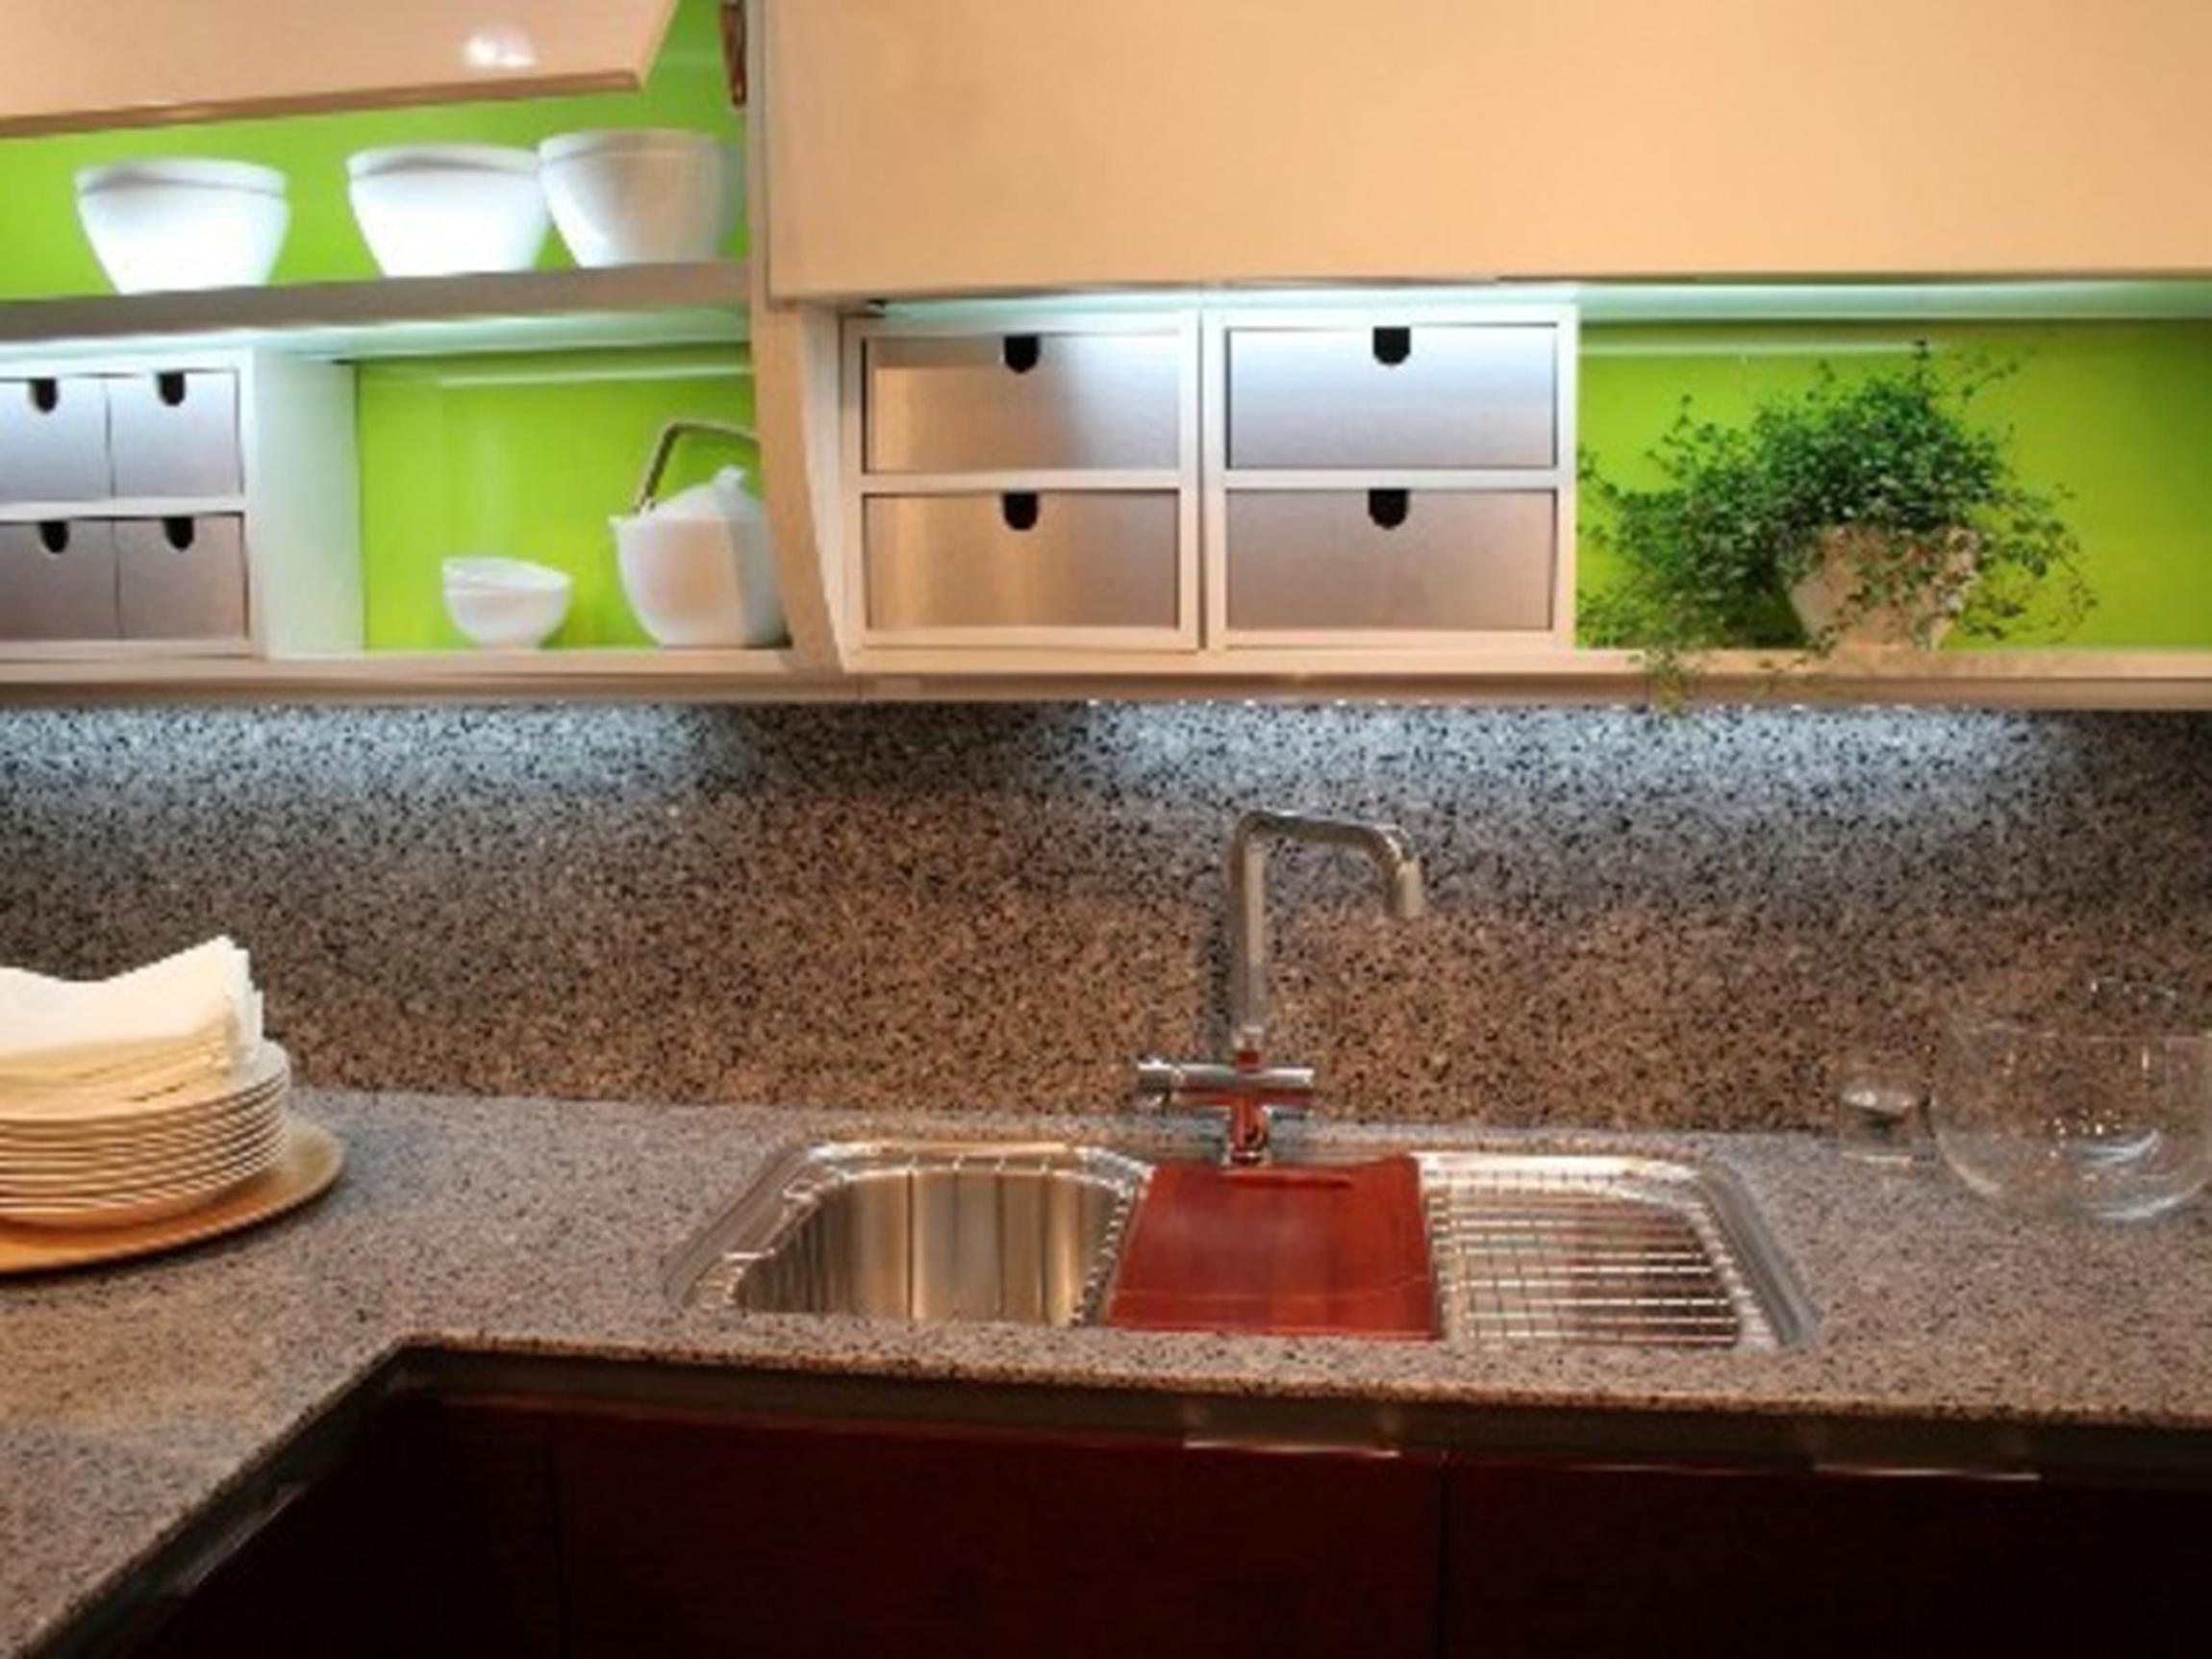 Kitchen Backsplash Tile Decoration For Your Kitchen Interior (Image 1 of 38)